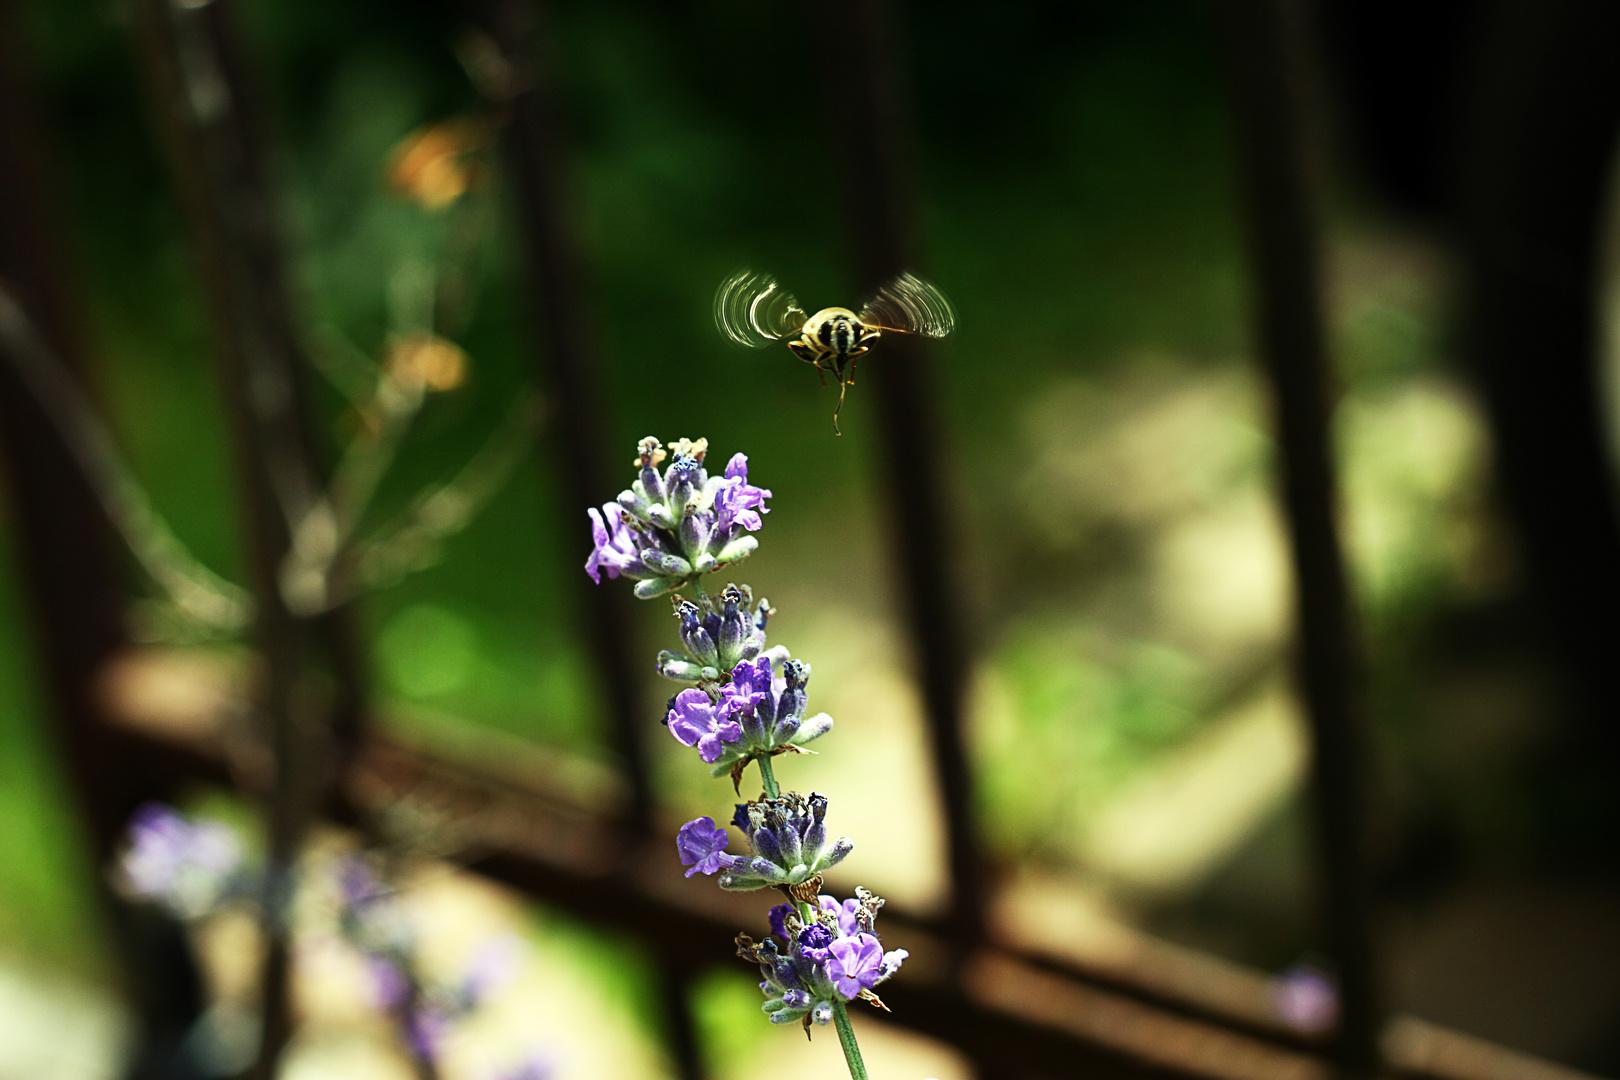 Abflug einer Biene